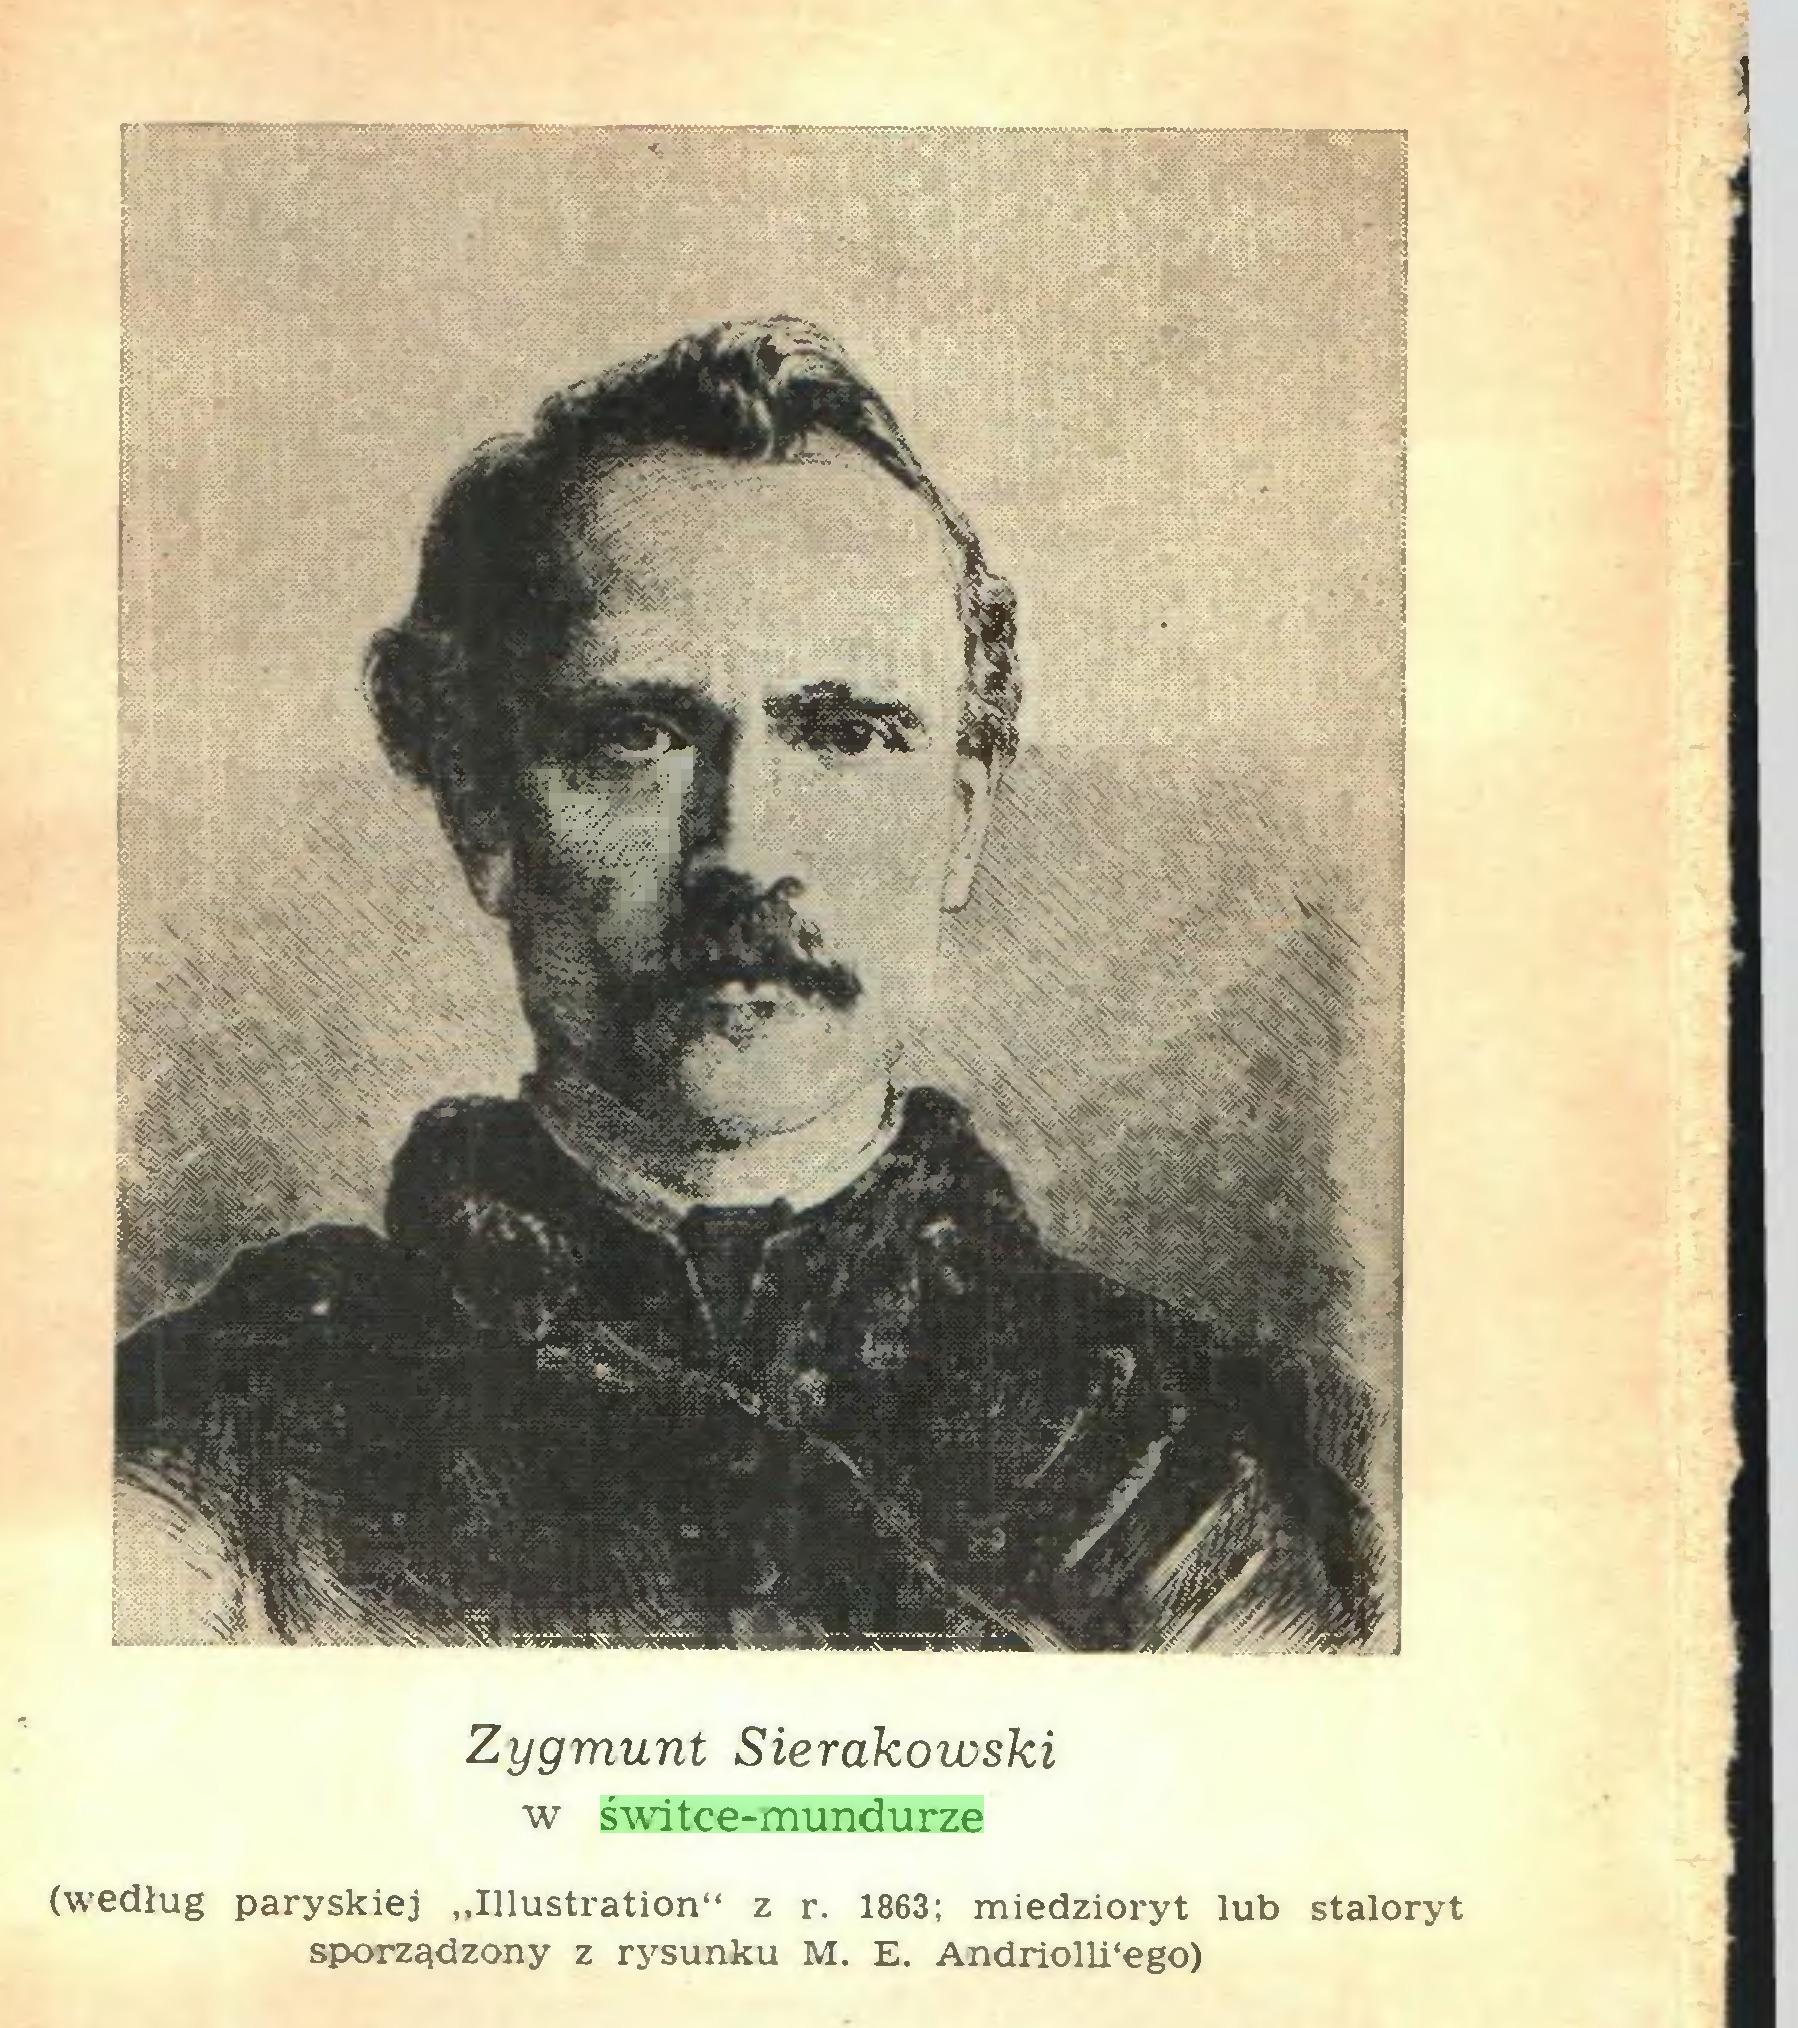 """(...) w świtce-mundurze (według paryskiej """"Illustration"""" z r. 1863; miedzioryt lub staloryt sporządzony z rysunku M. E. Andriolli'ego) 1..."""